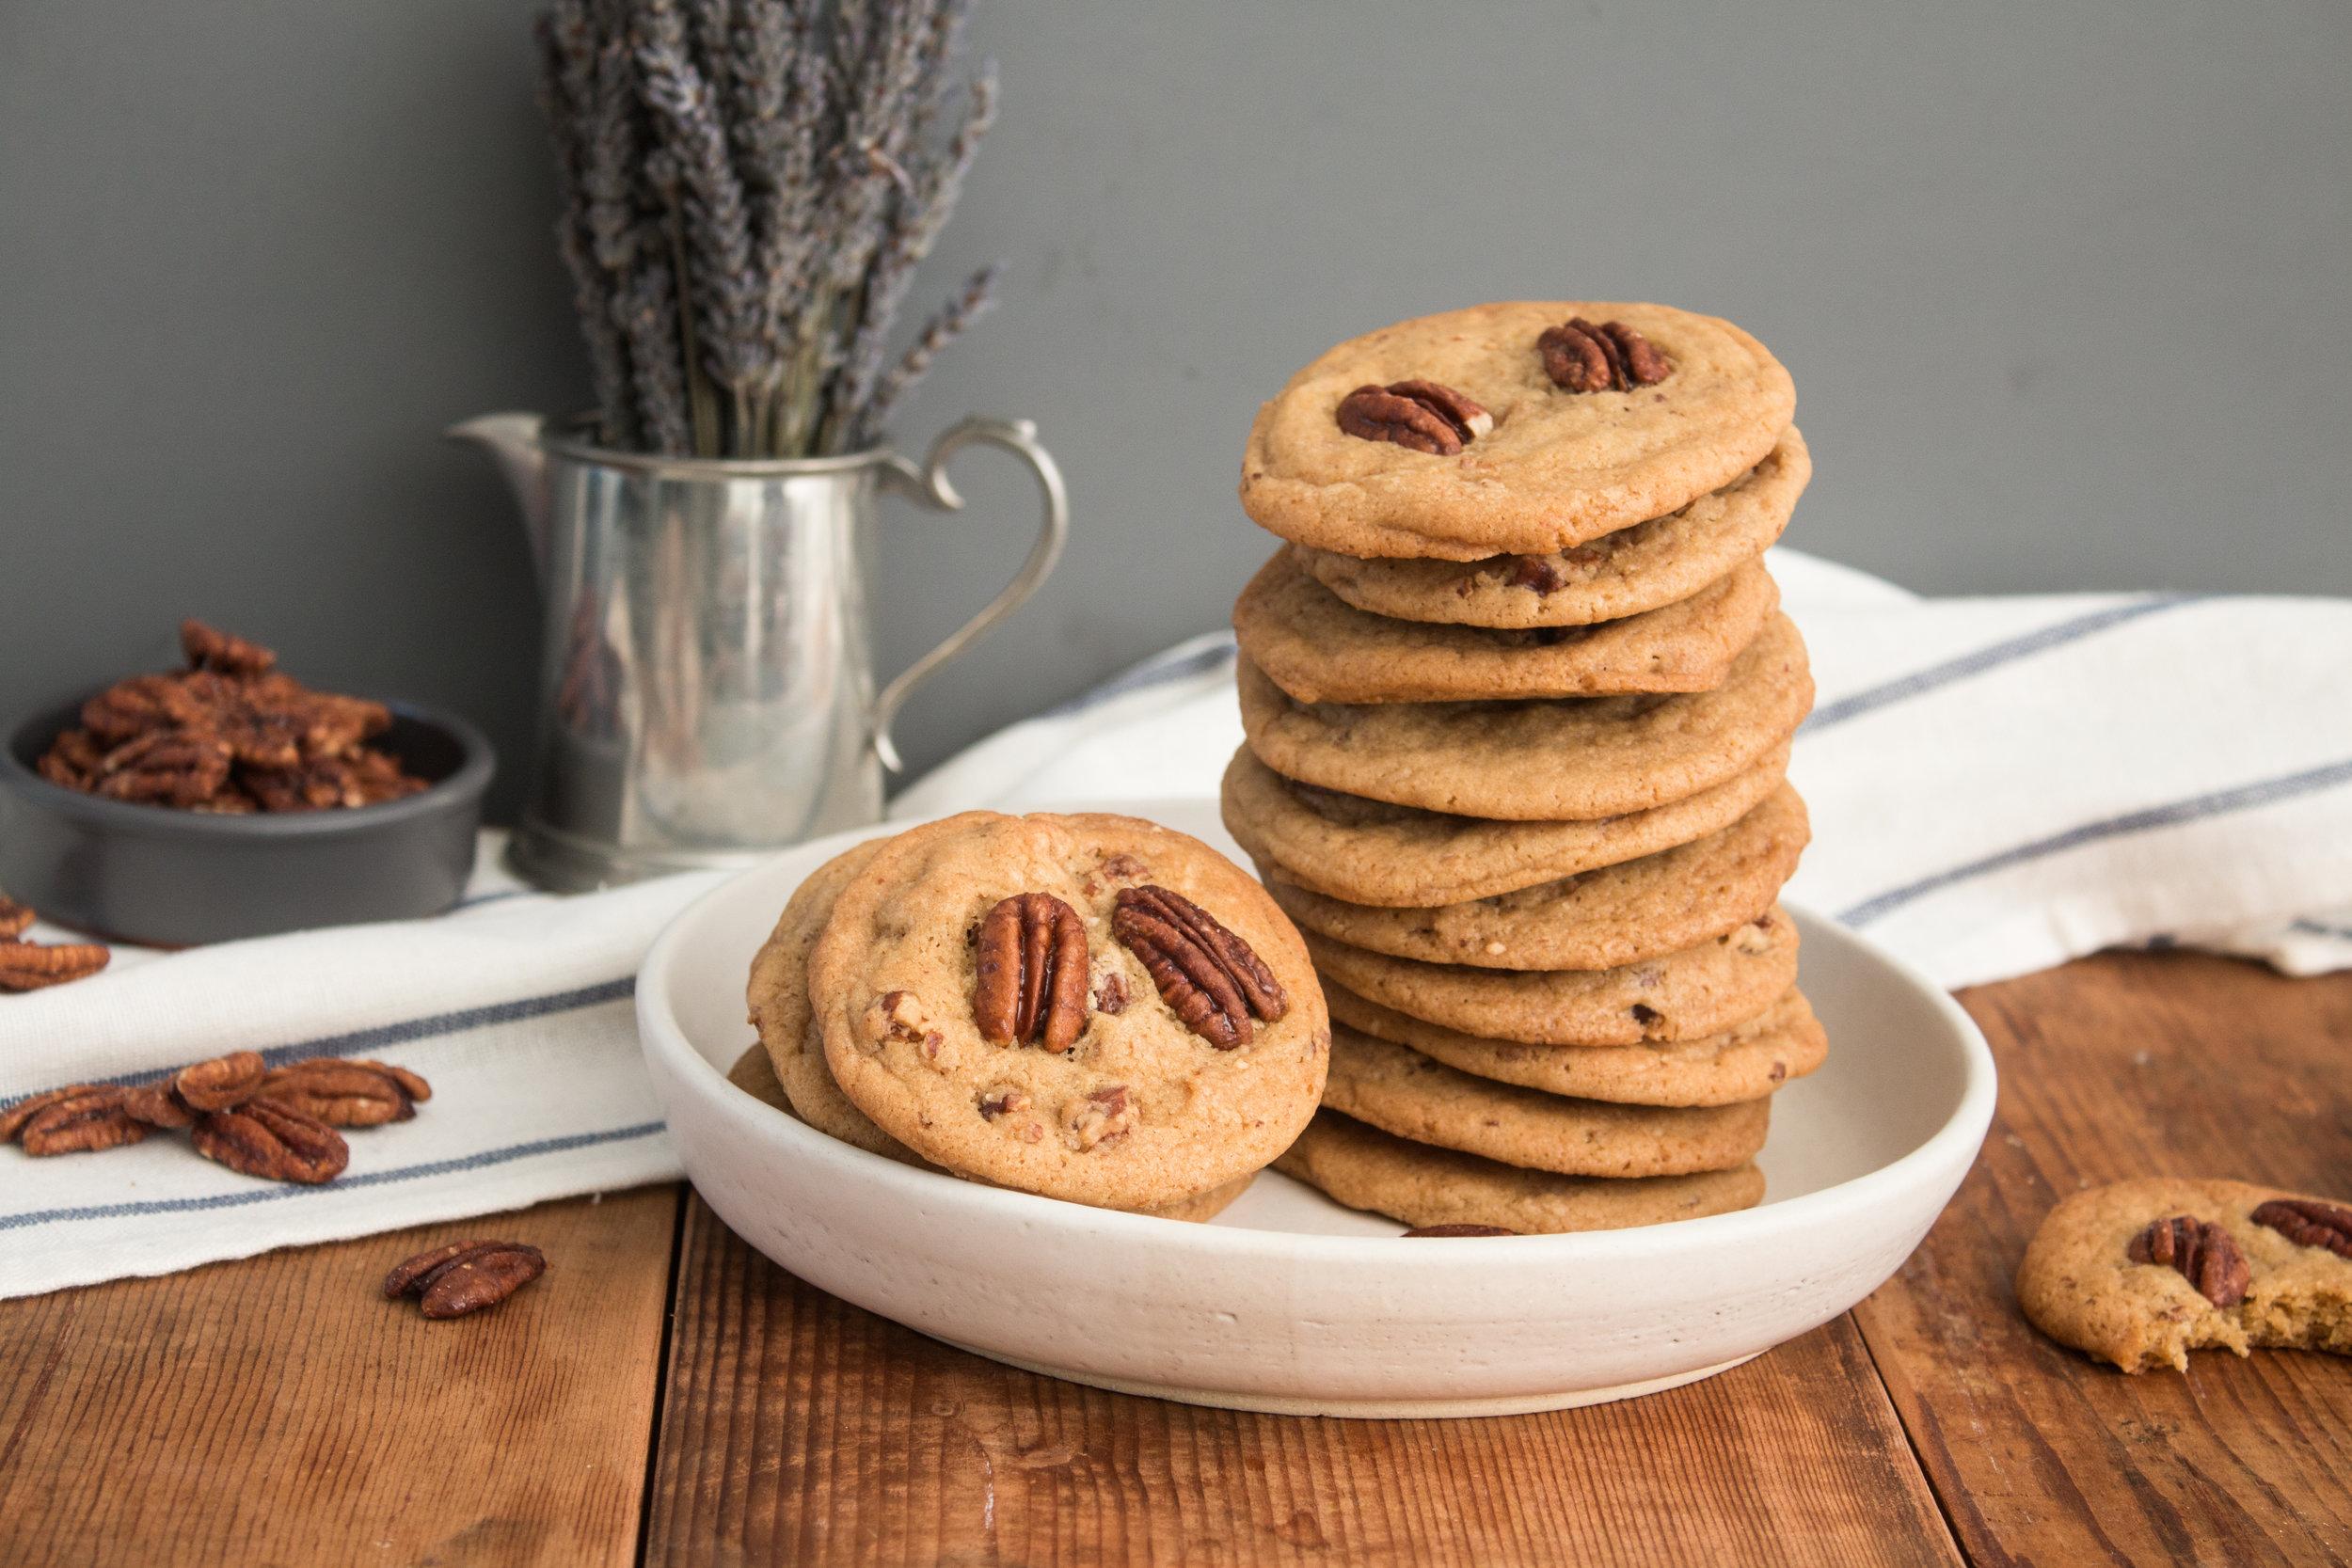 Sante_Cookies_Horizontal1.jpg